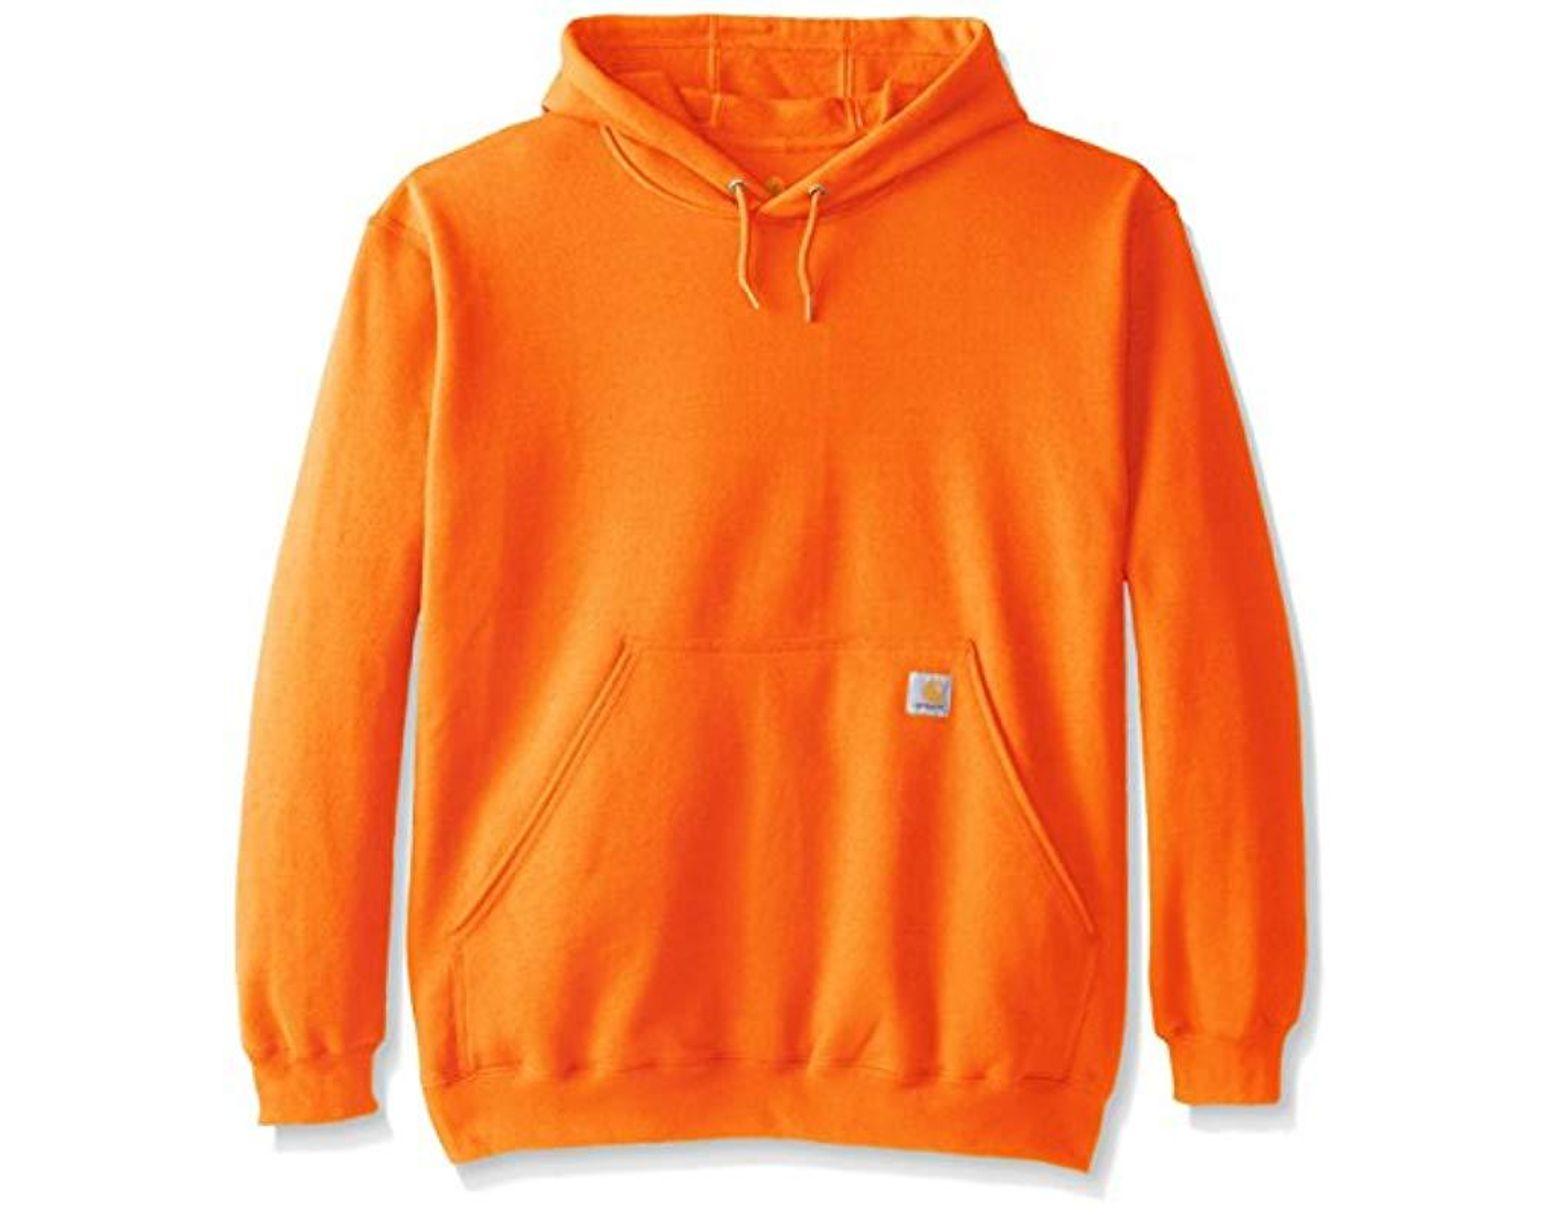 f6f433668 Men's Orange Big & Tall Midweight Hooded Sweatshirt